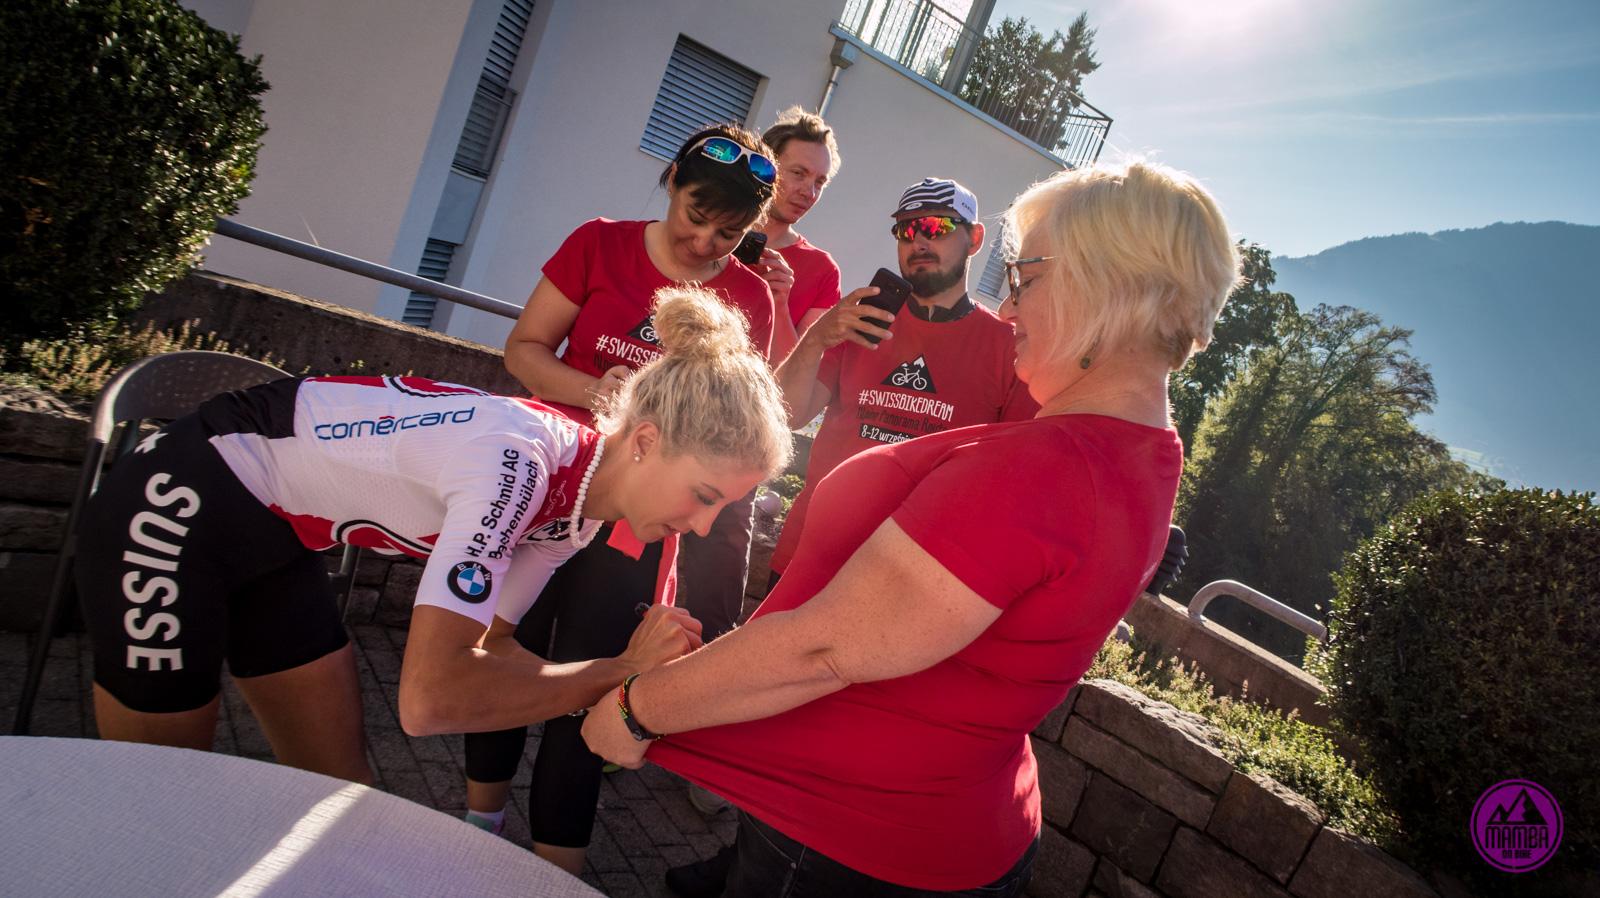 Szwajcaria - Jolanda Neff rozdaje autografy